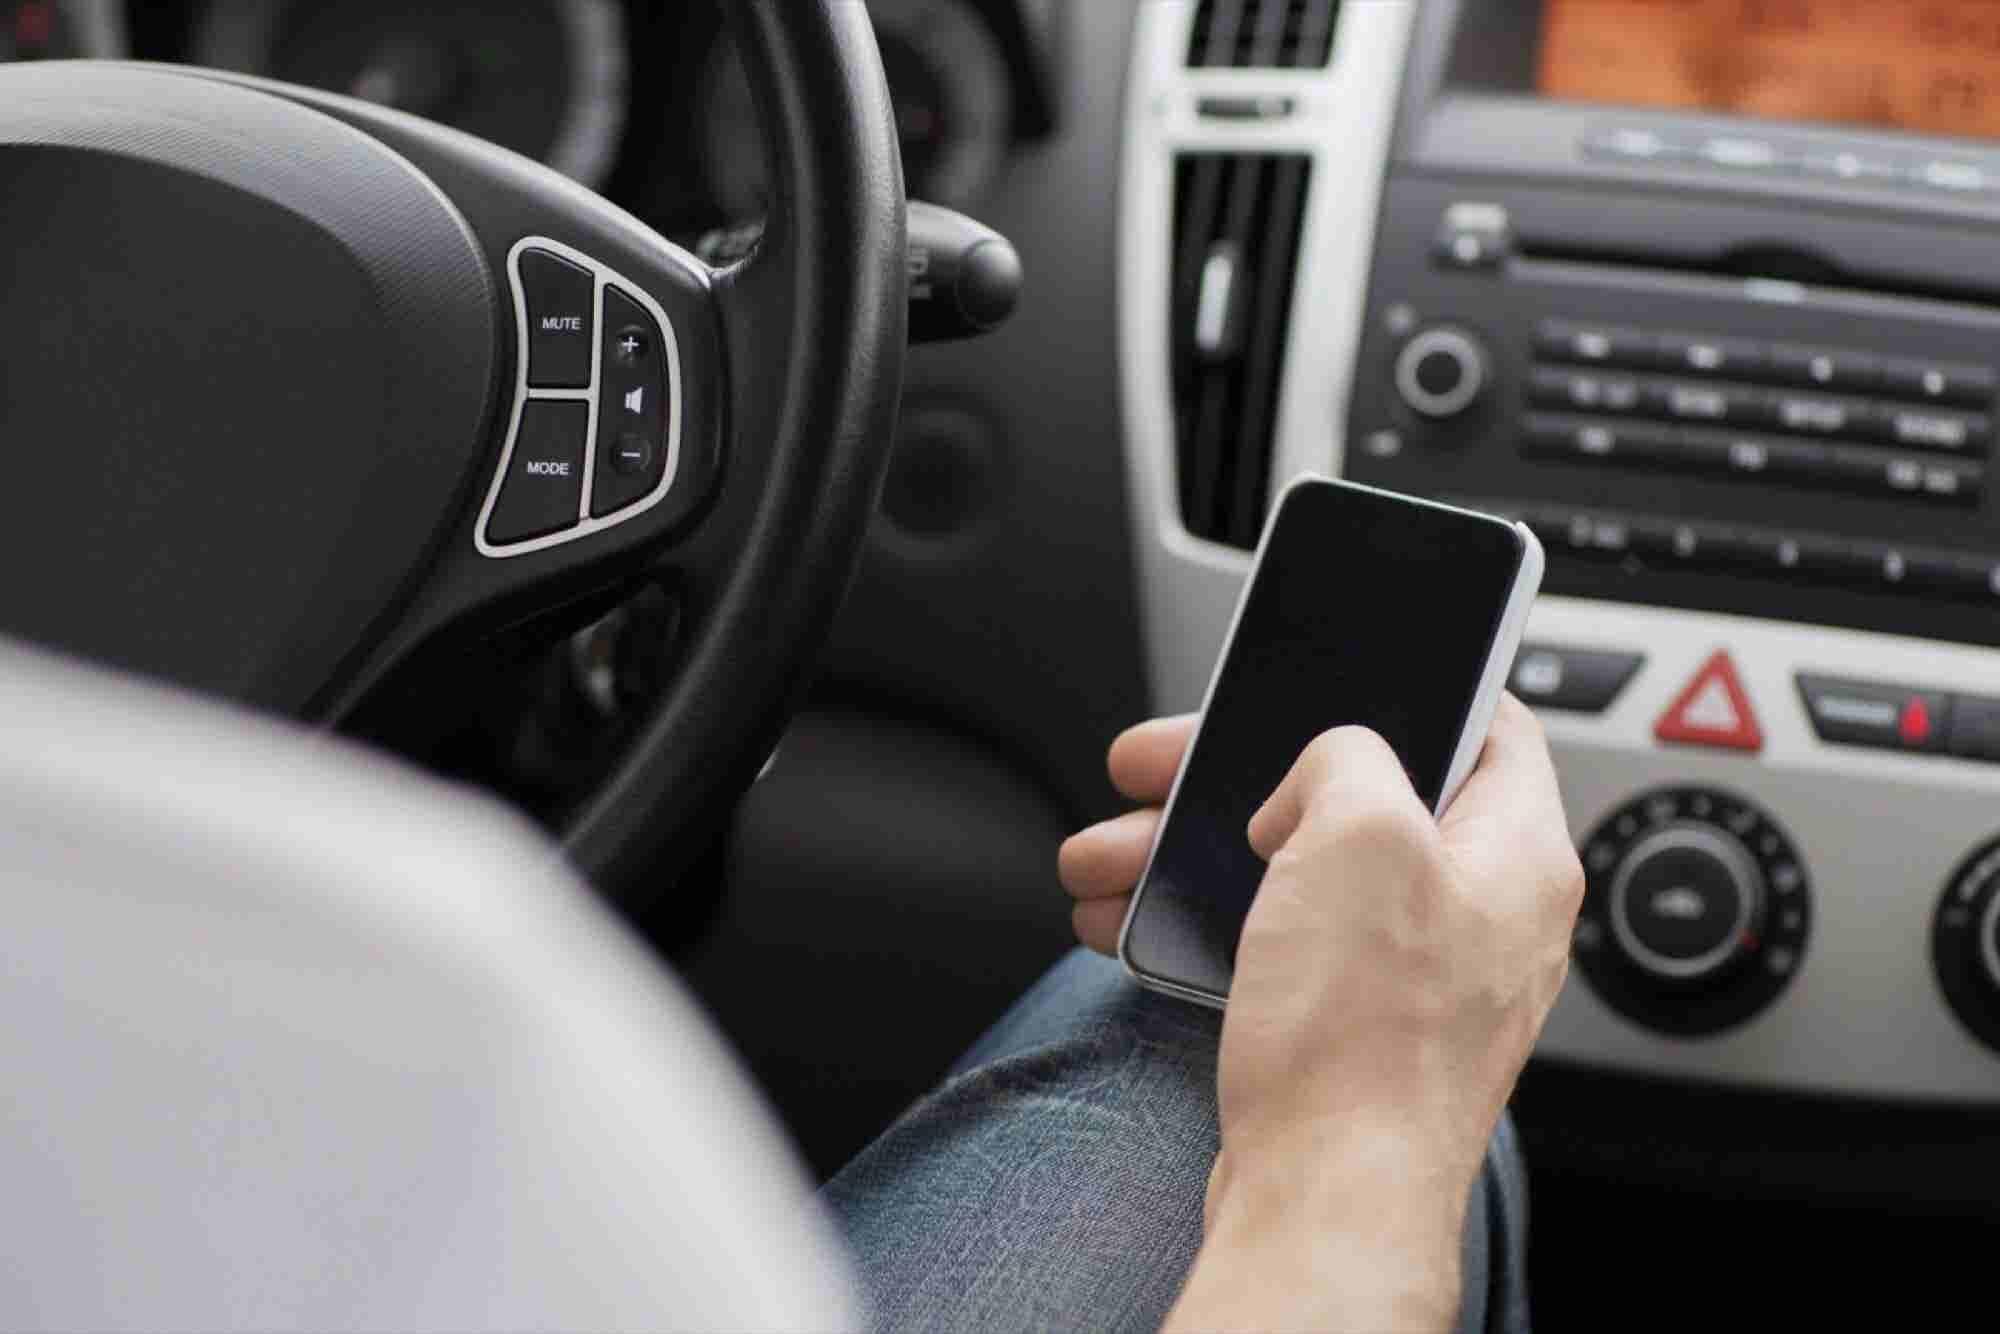 Auto Chilango, la app que saca de apuros a los conductores